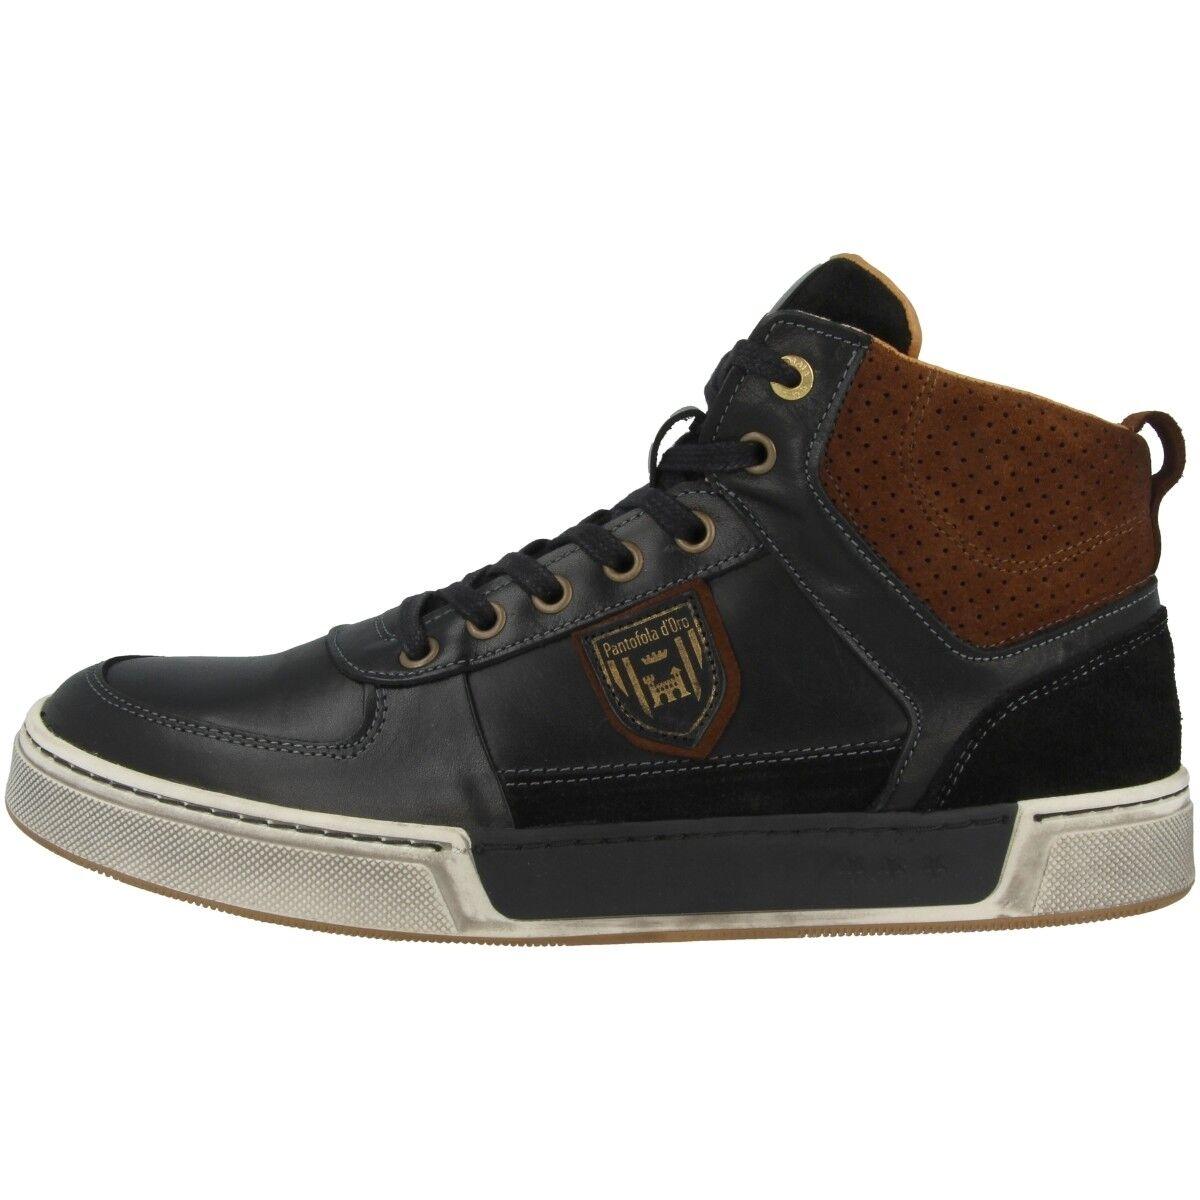 Pantofola D oro Frossoerico Uomo  Mid Scarpe da Ginnastica Alter nero 10183023.2  costo effettivo